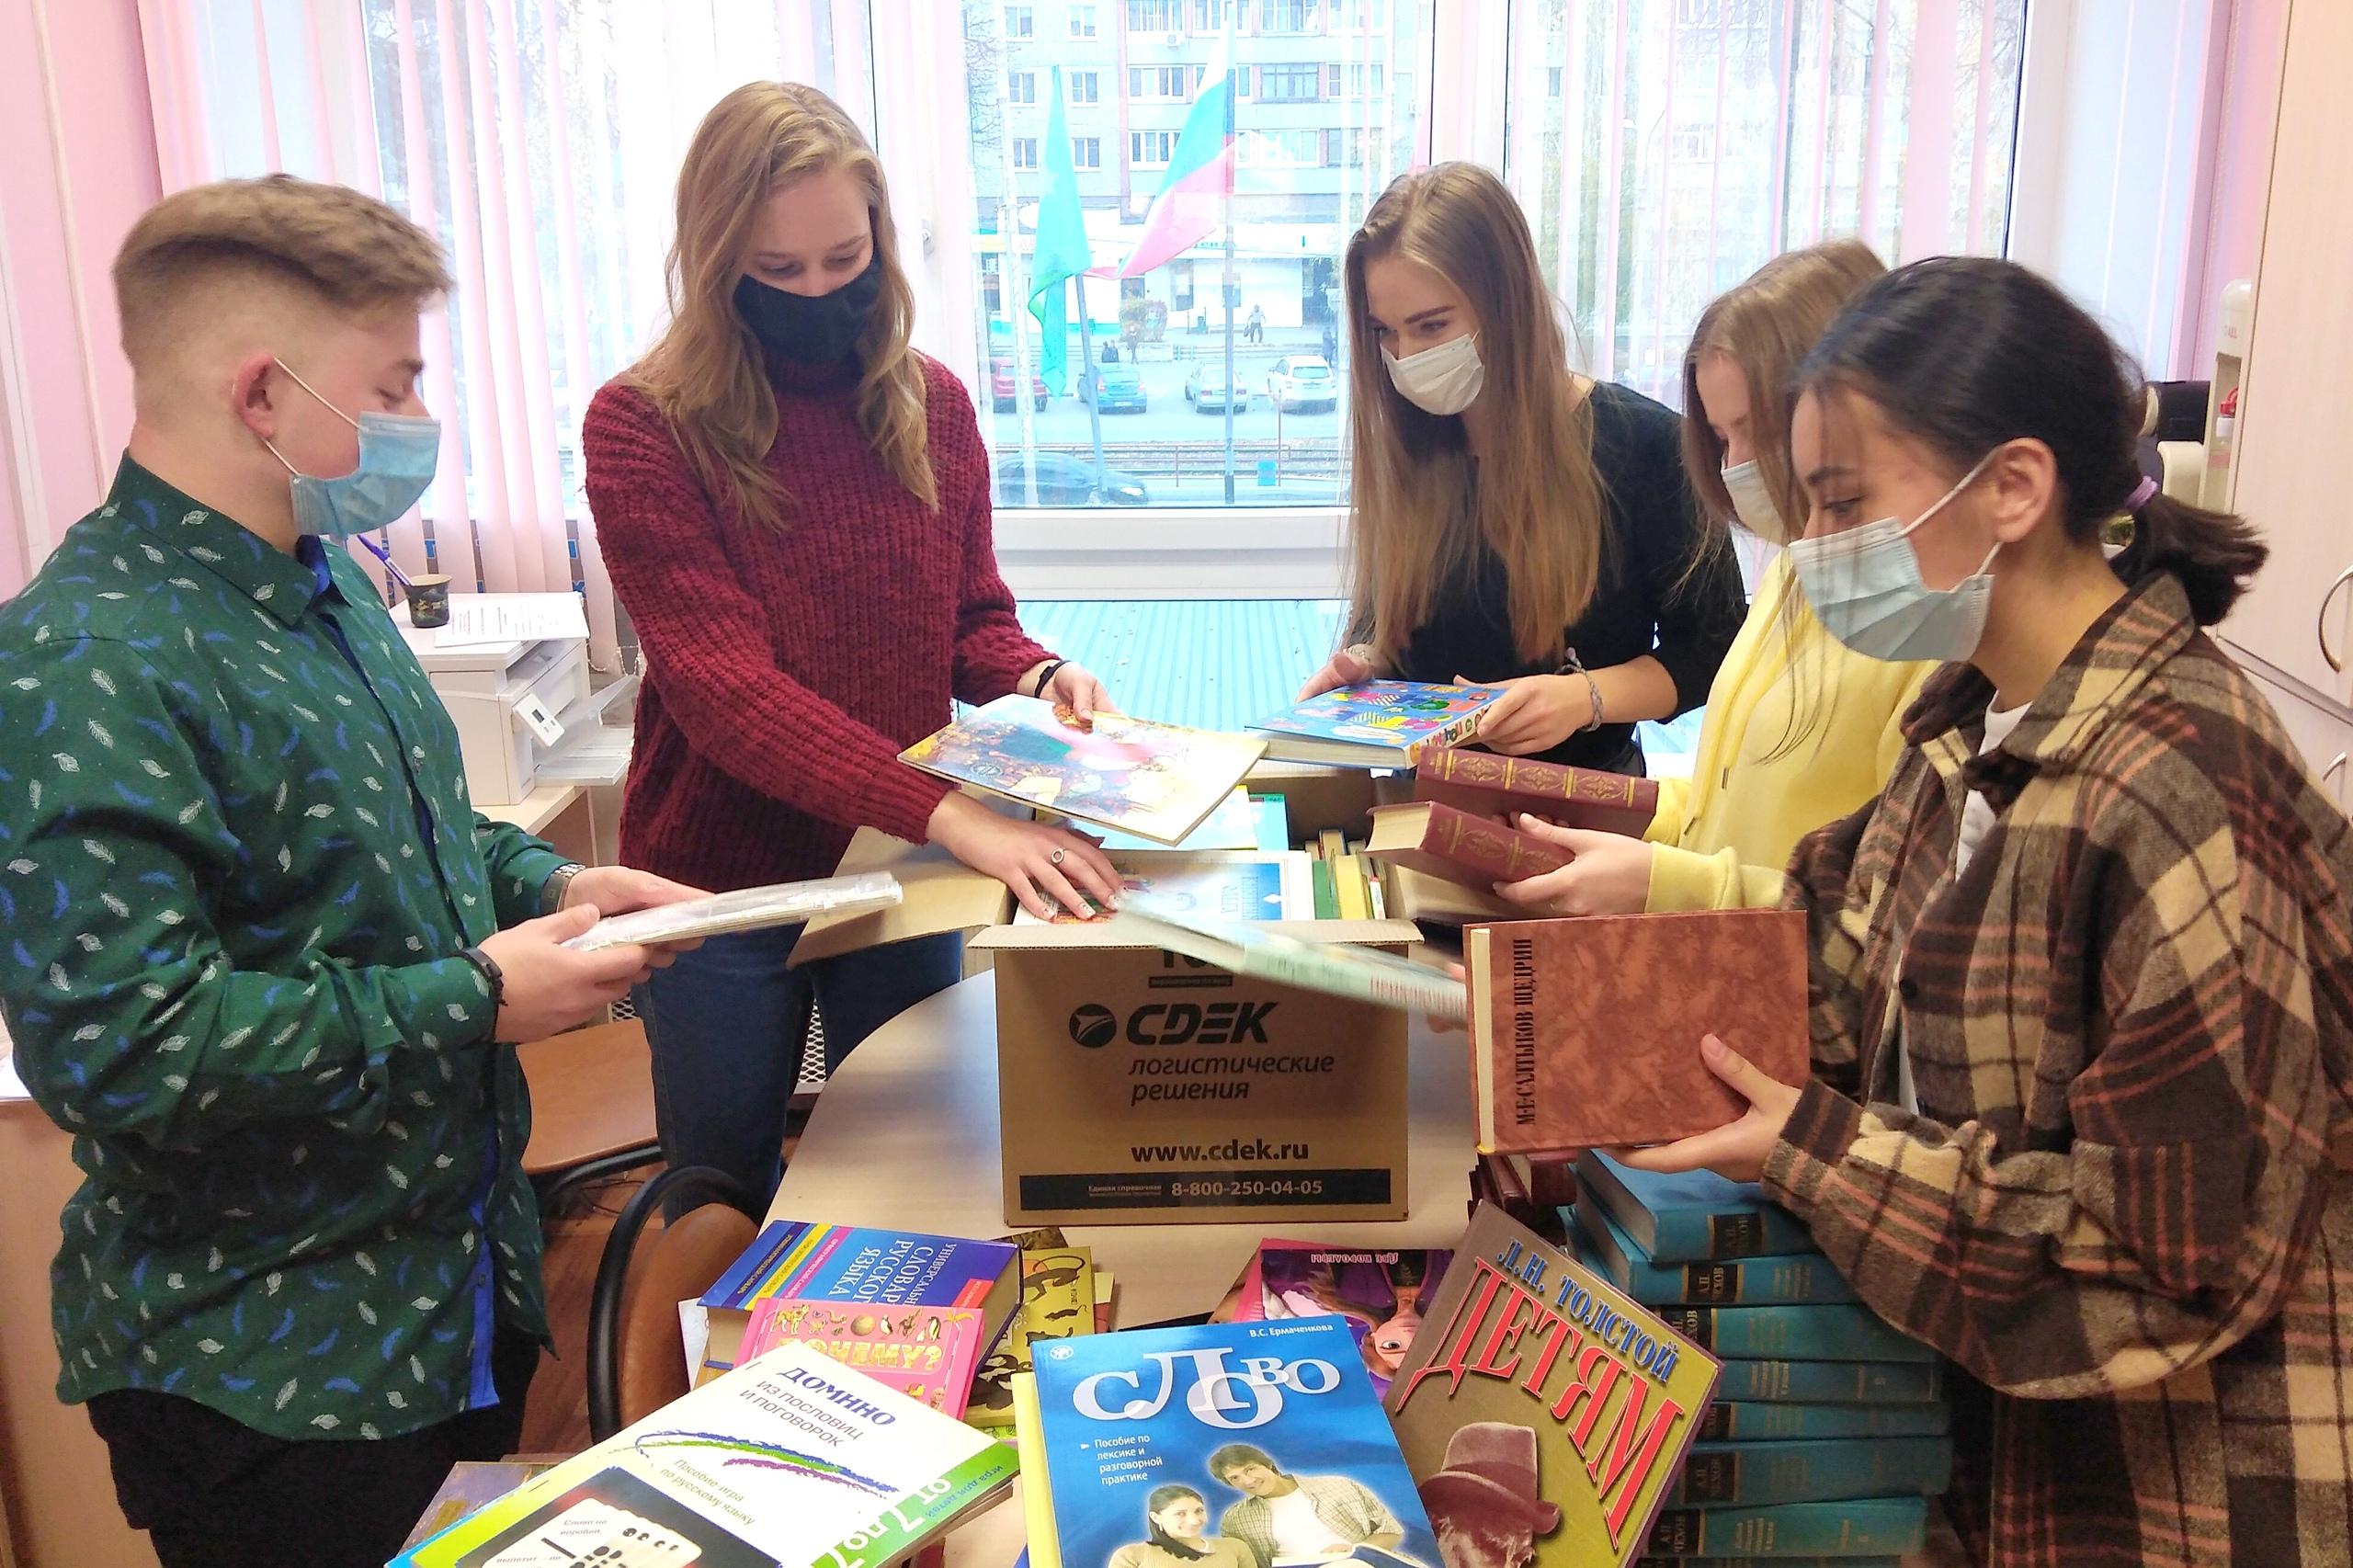 Коломенский вуз подарил юным сербам книги на русском языке